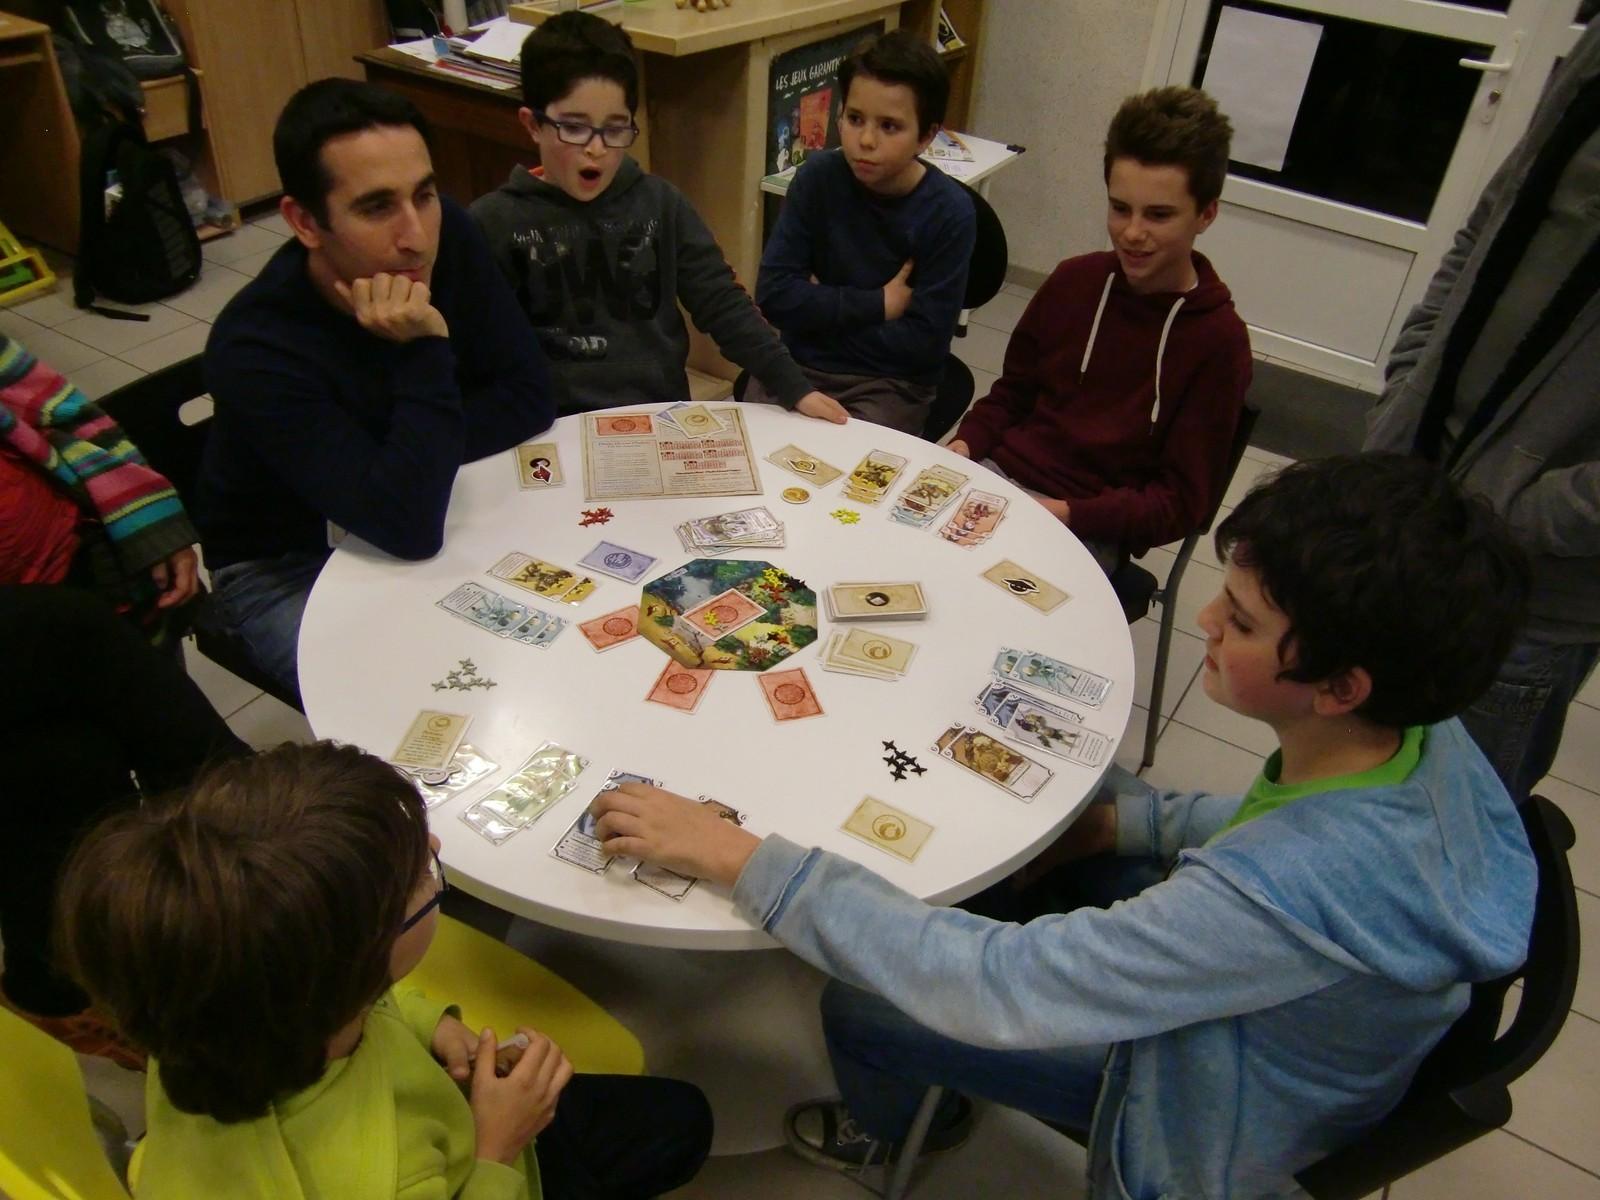 la table finale : trois joueurs en sont à 3 clans, on approche de la fin...